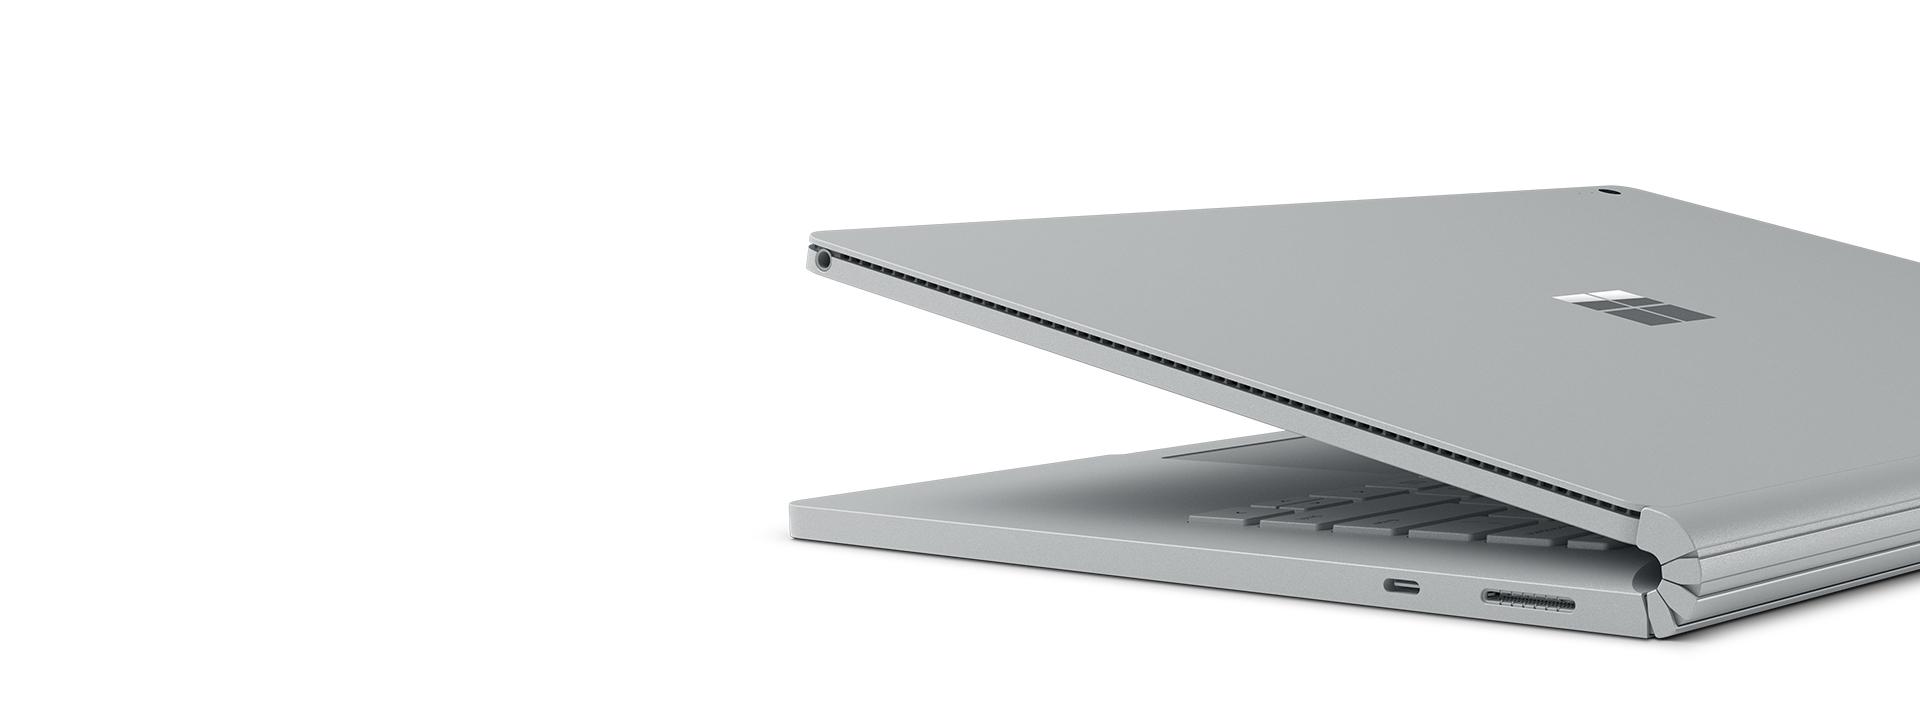 Surface Book 2 — widok portu USB-C